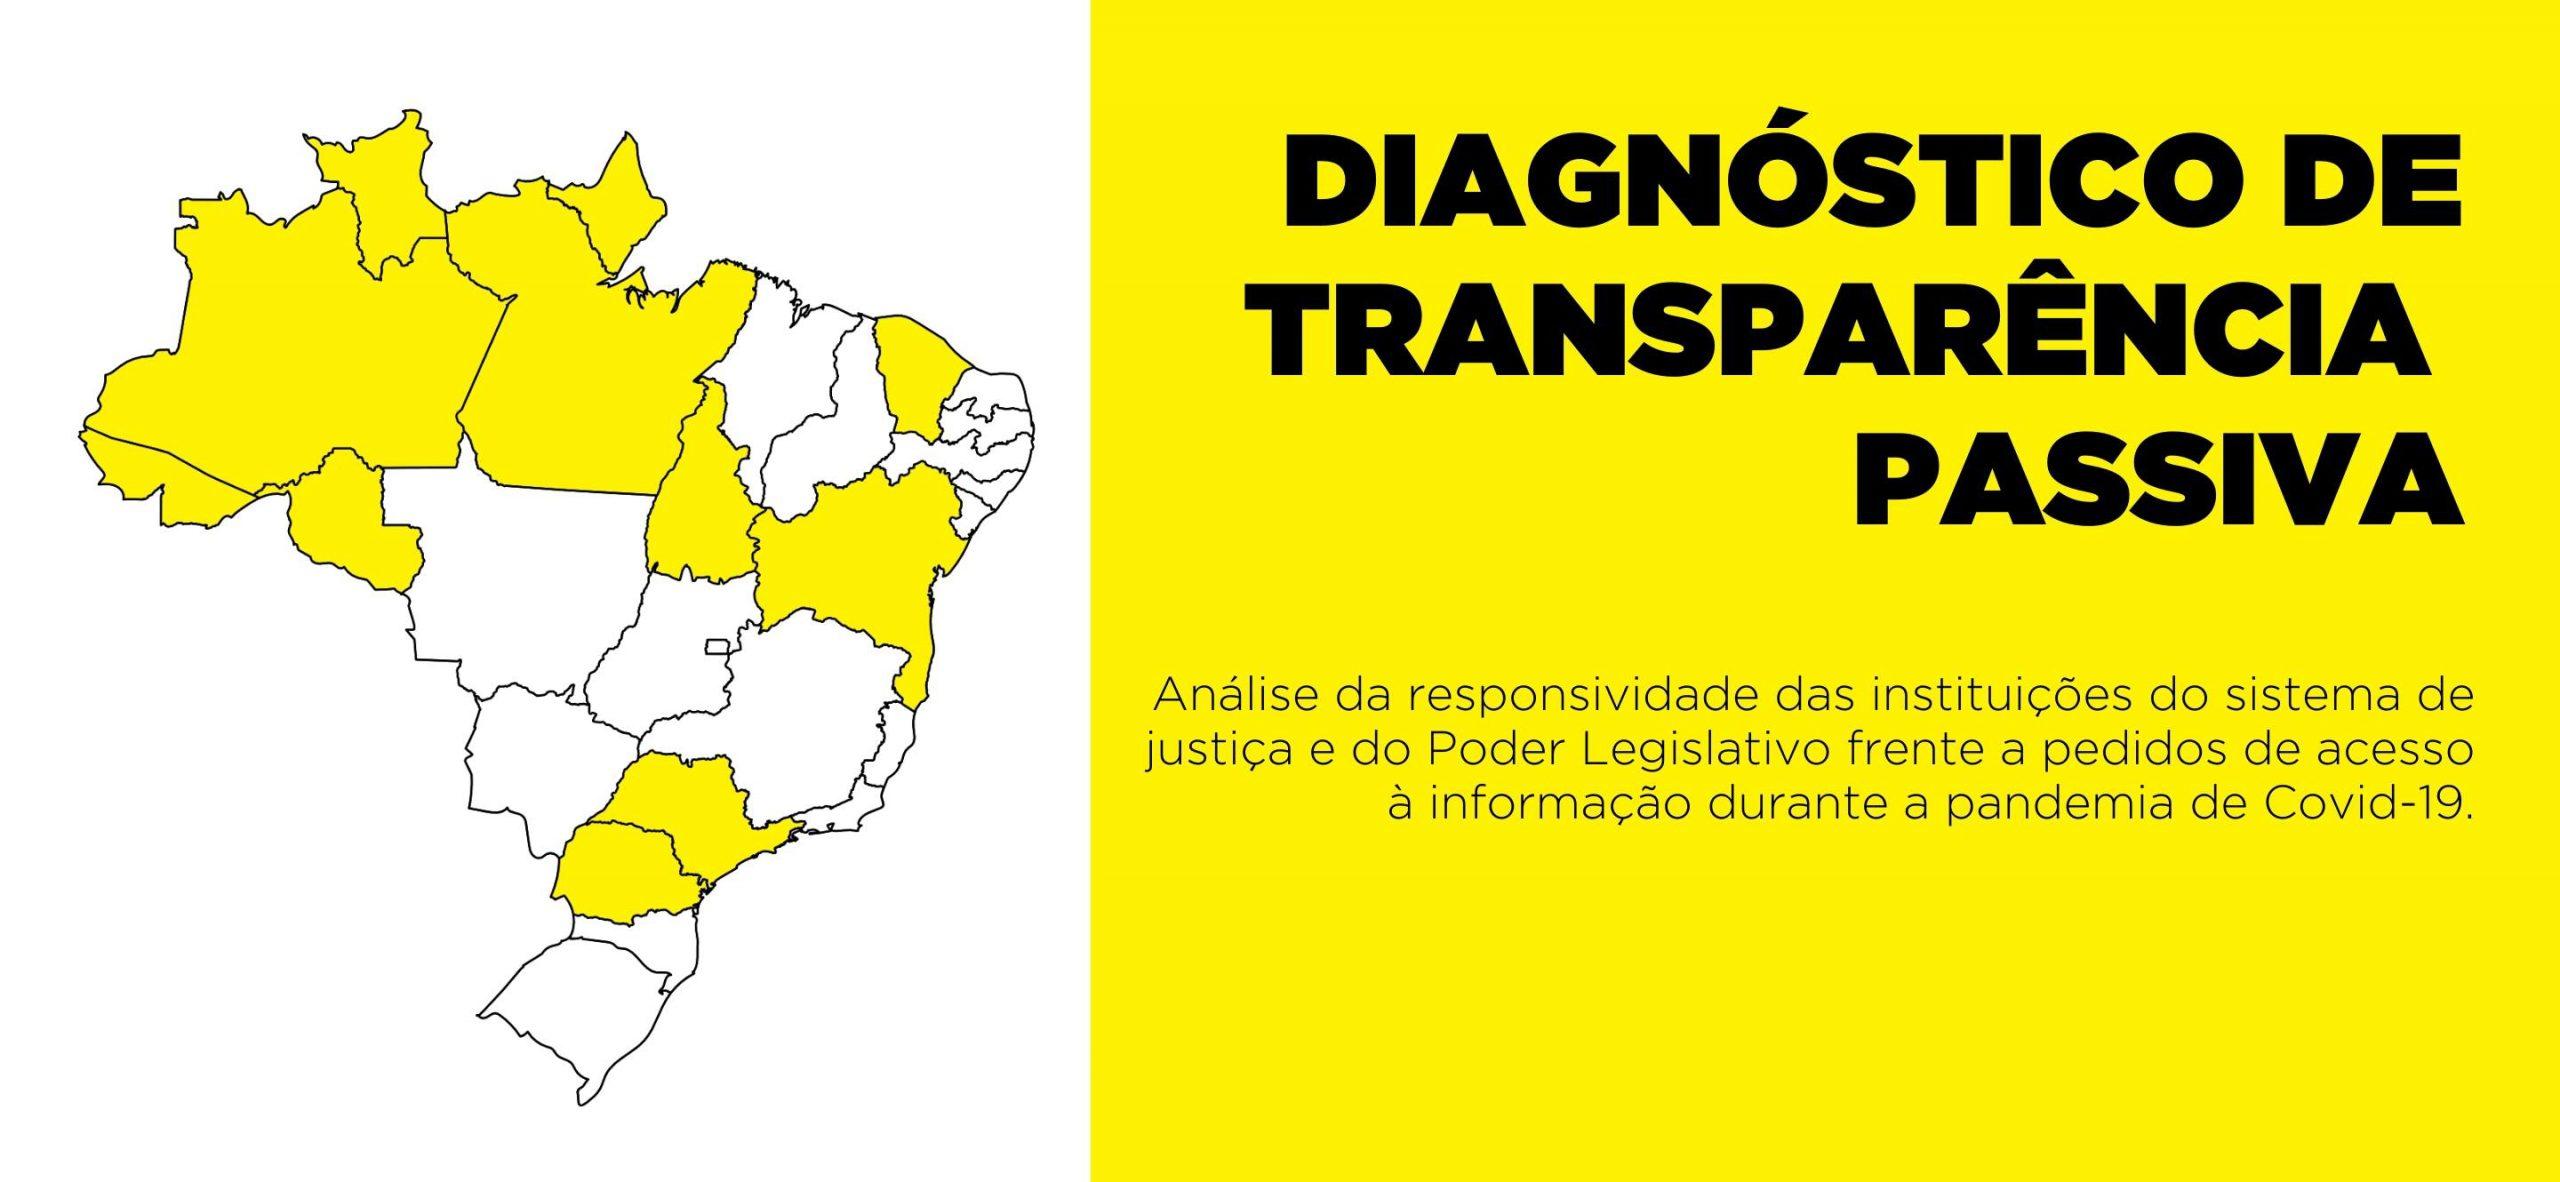 O relatório produzido pelo Justa registra a responsividade das instituições do sistema de justiça e do Poder Legislativo frente a pedidos de acesso à informação durante a pandemia.